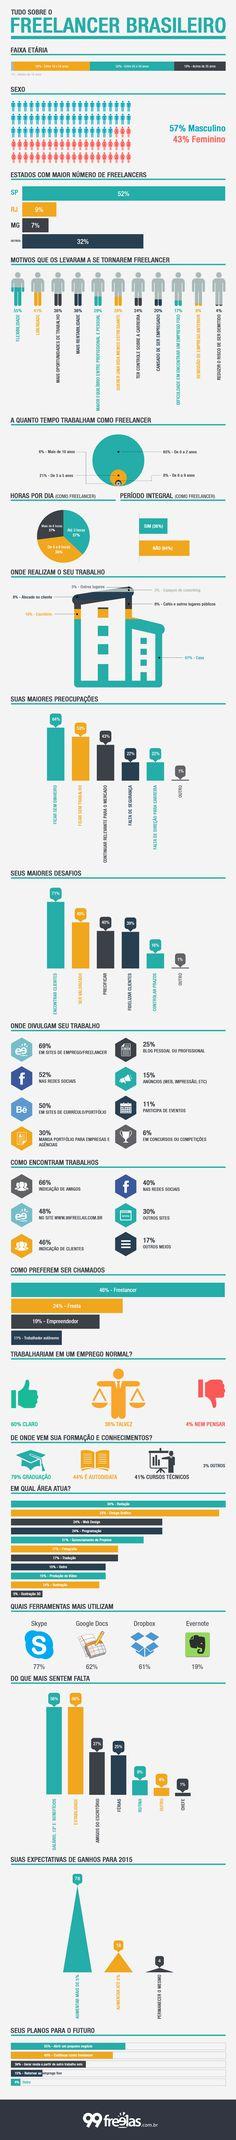 Você já parou para pensar qual é a personalidade e as características do freelancer brasileiro? Veja nesse infográfico!